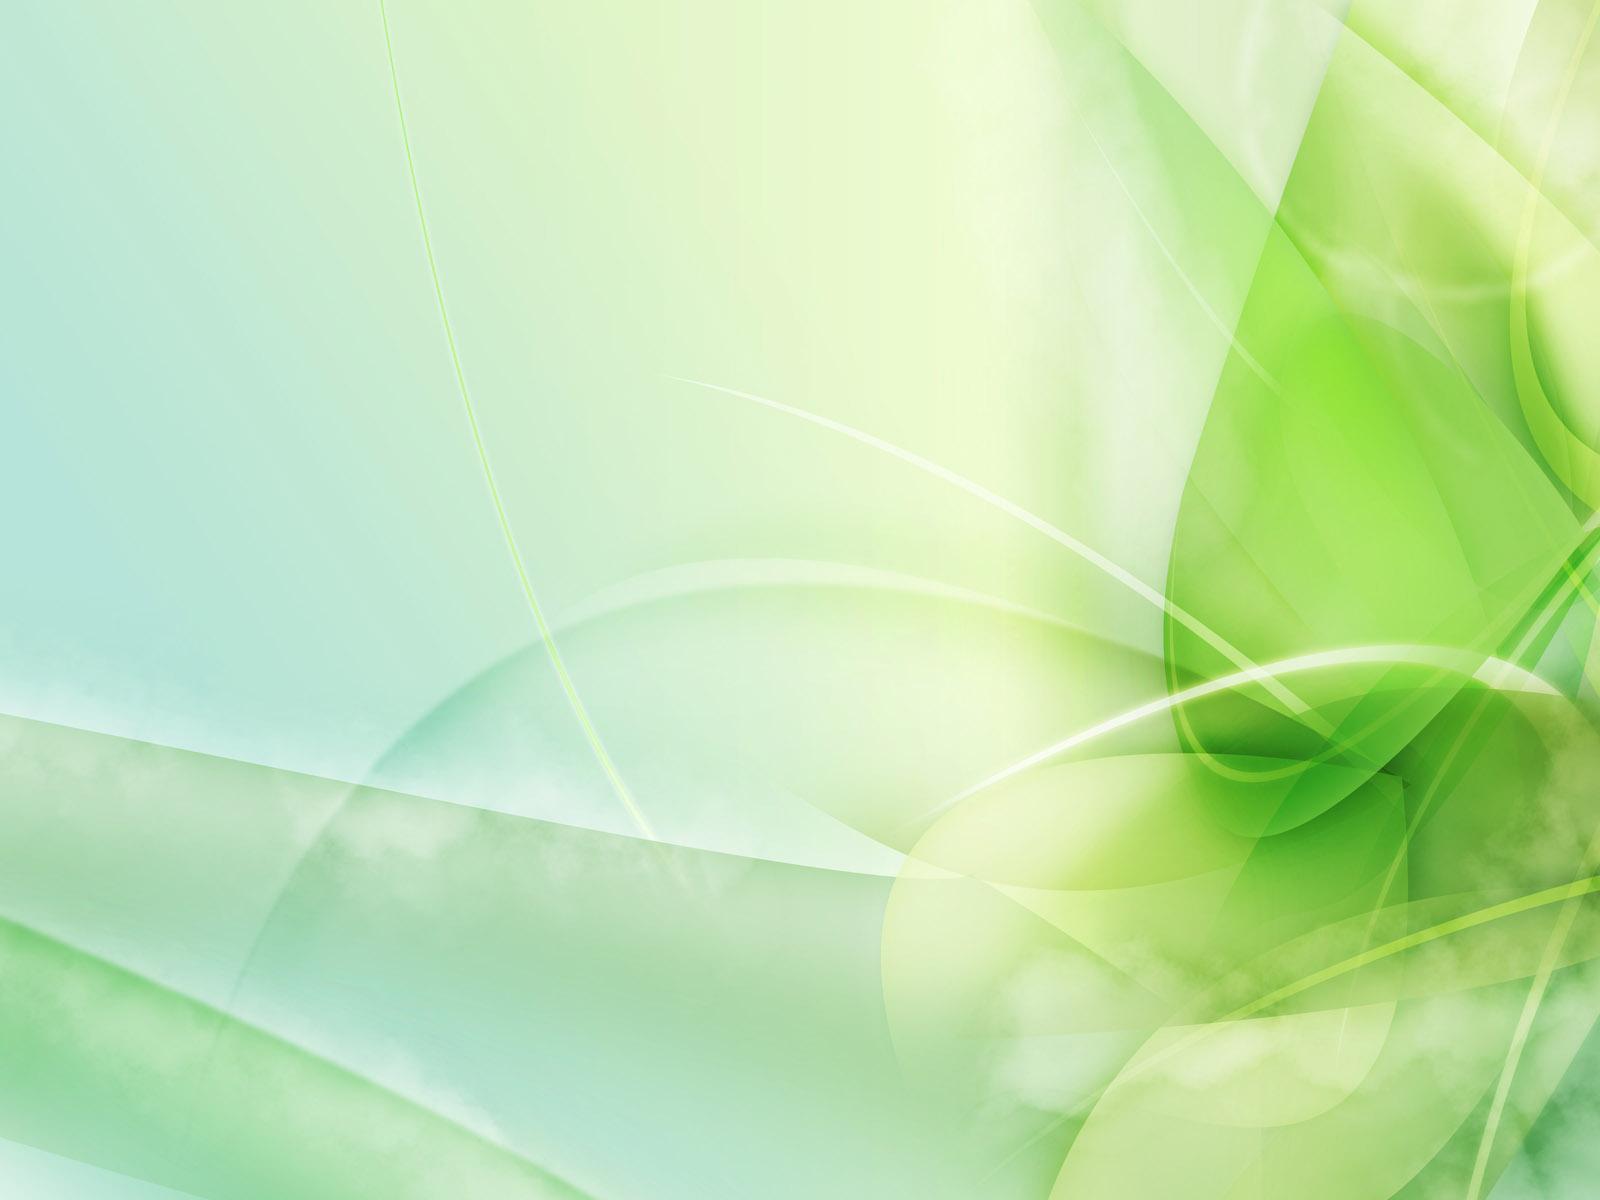 HD abstracto de la naturaleza Imagenes y Fondos de Pantallas Gratis 1600x1200